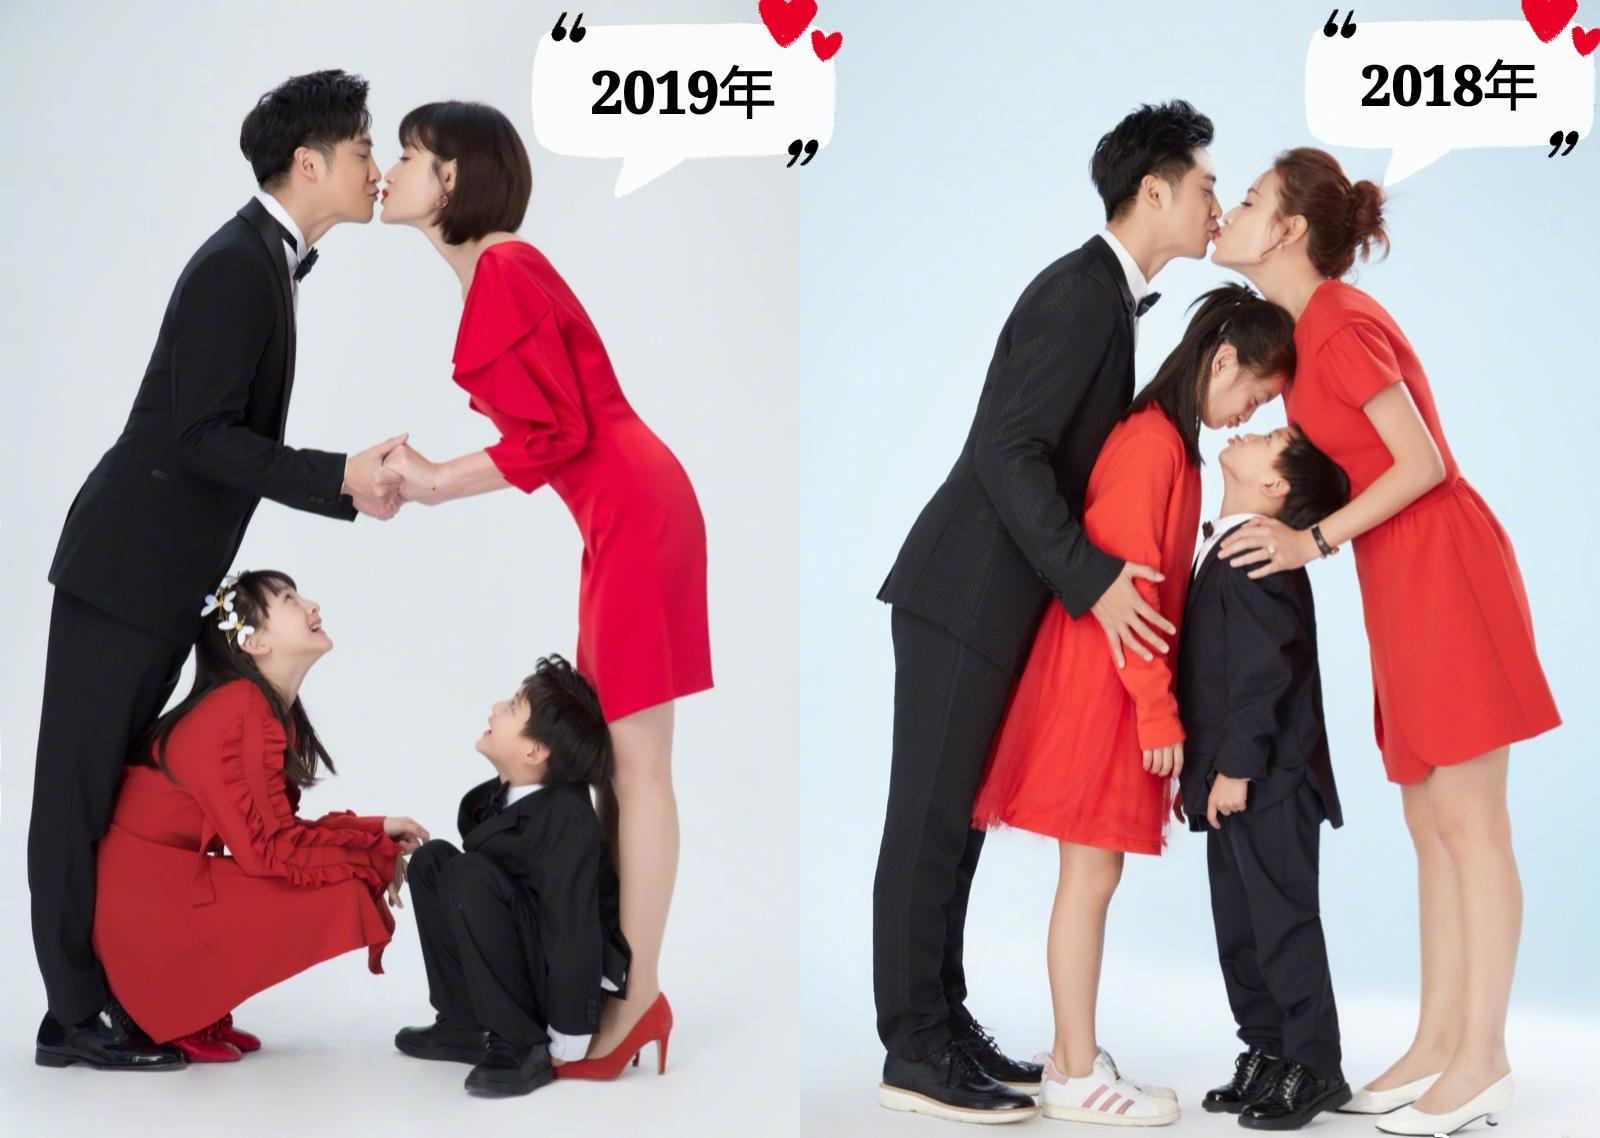 叶一茜晒全家福庆生,田亮亲手喂长寿面,两人忘情接吻超浪漫